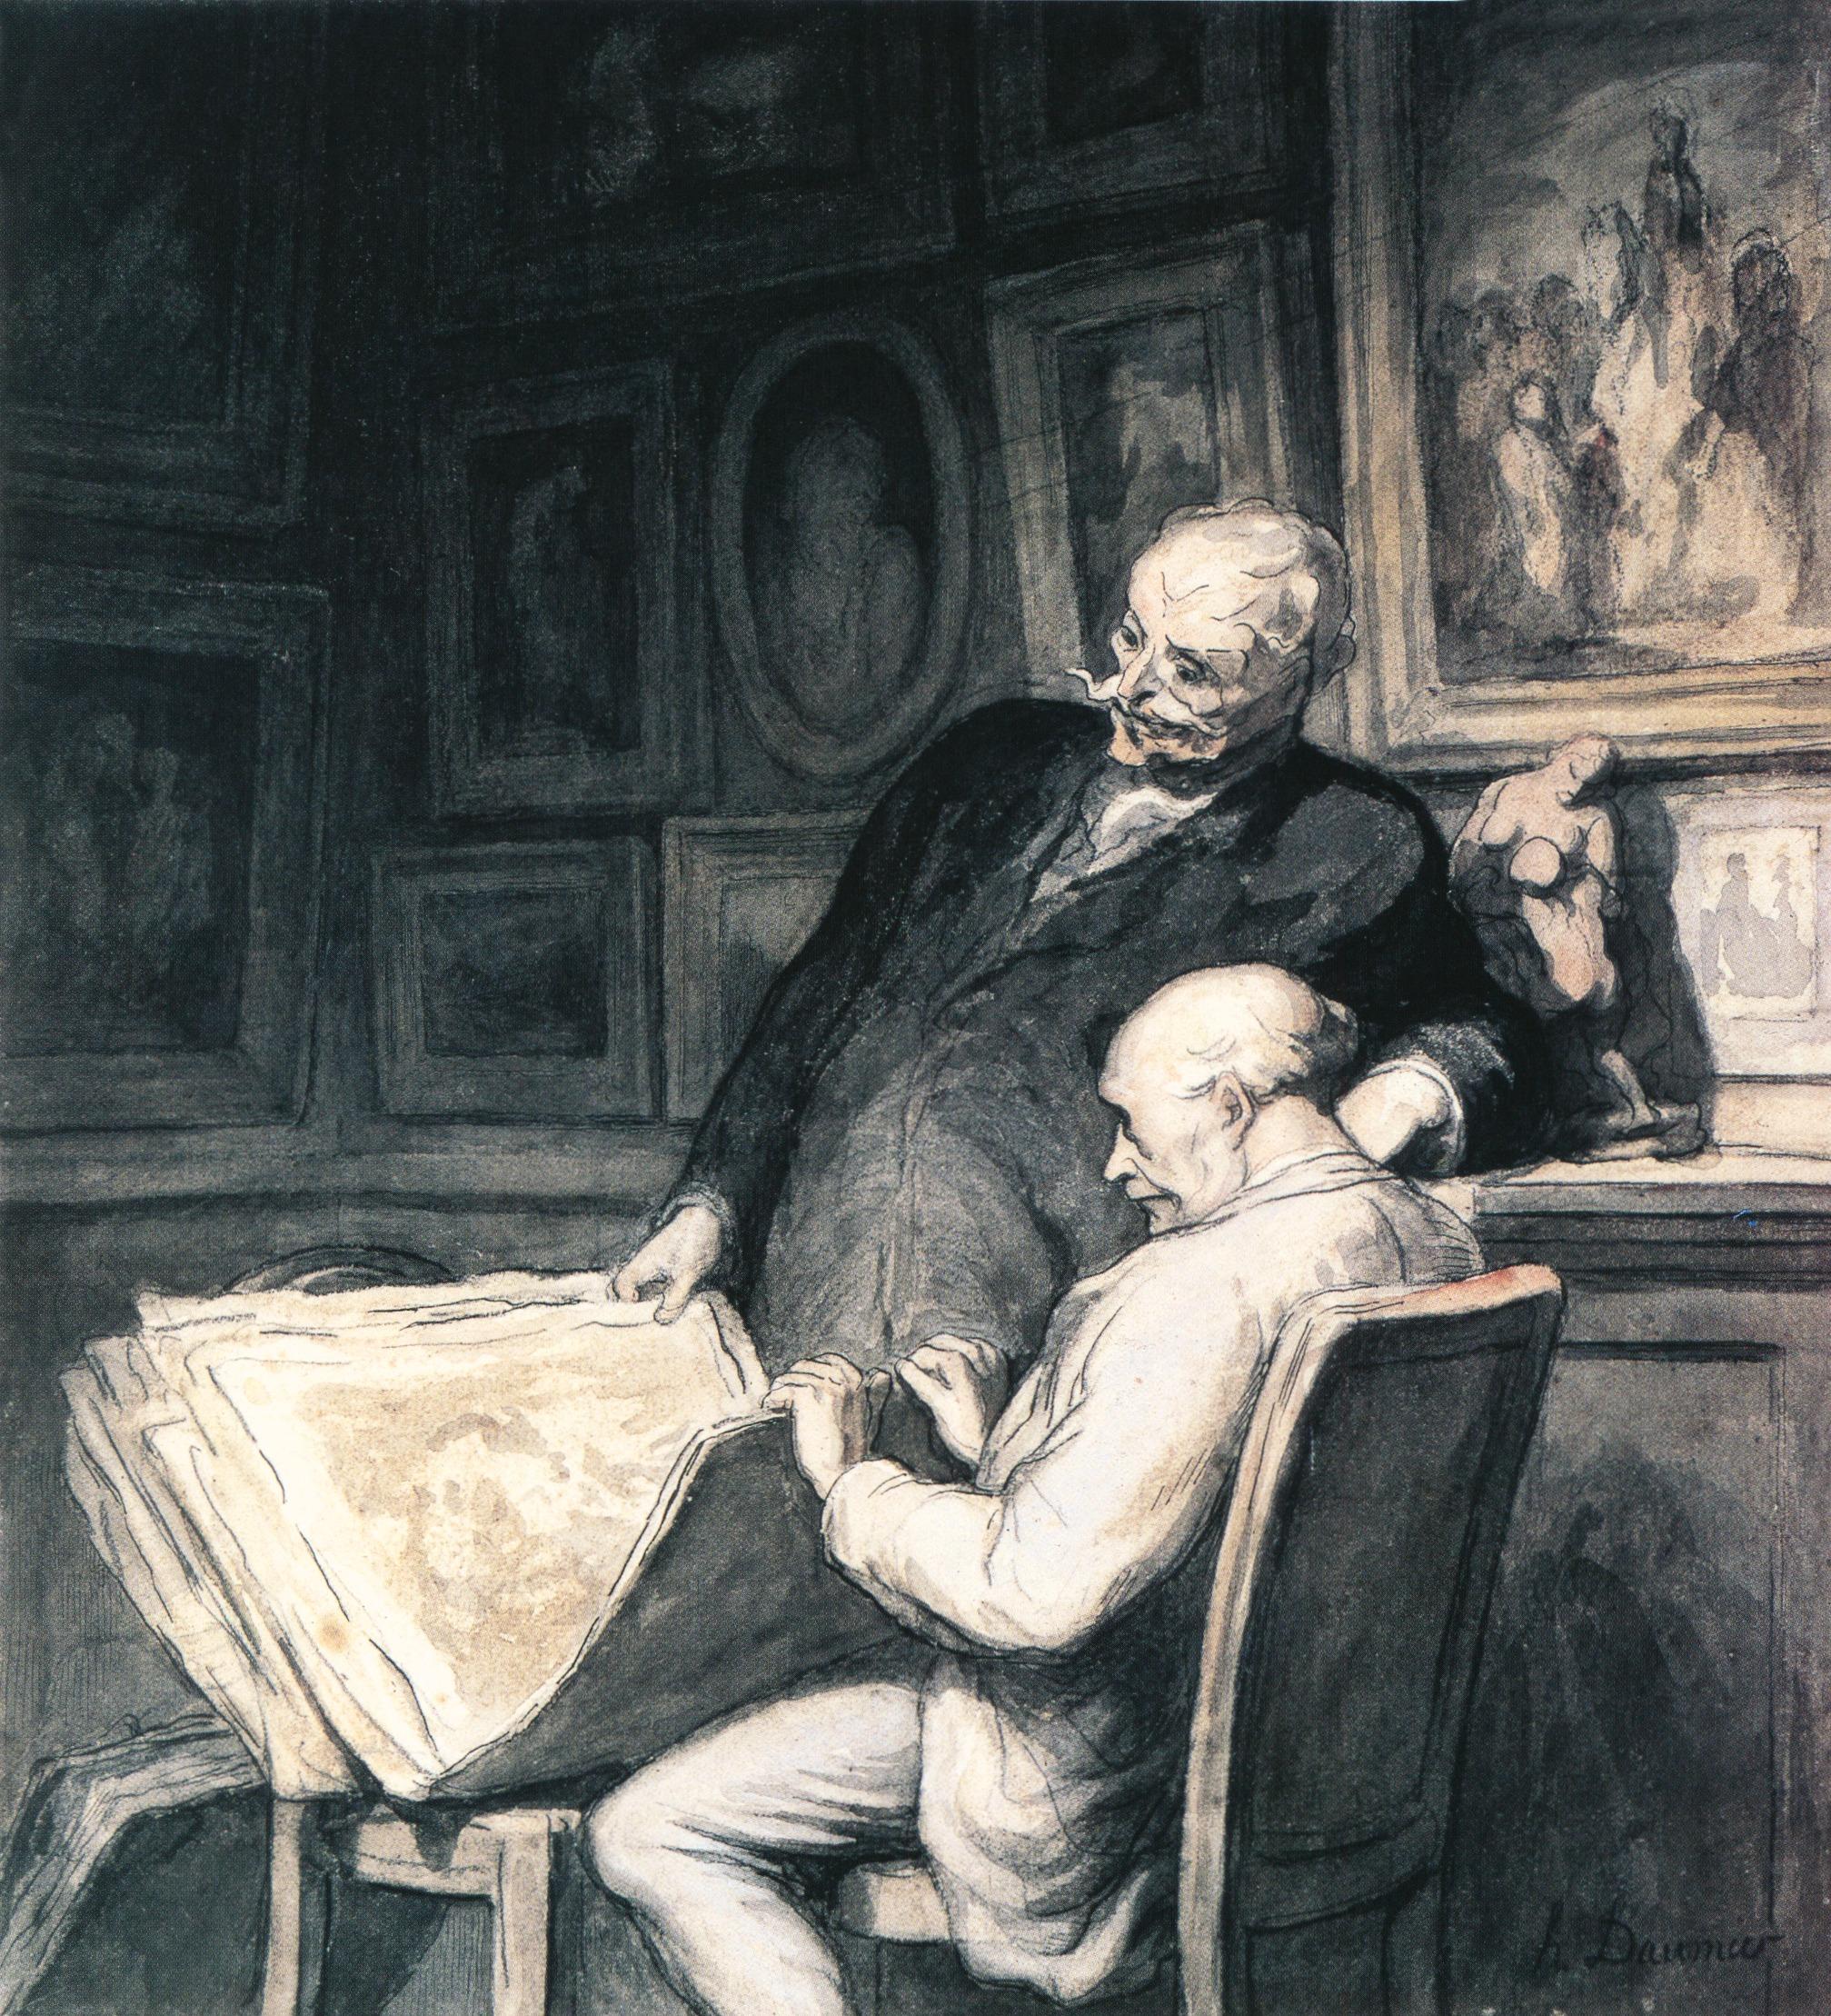 Daumier Les deux amateurs d'estampes, c. 1865-66